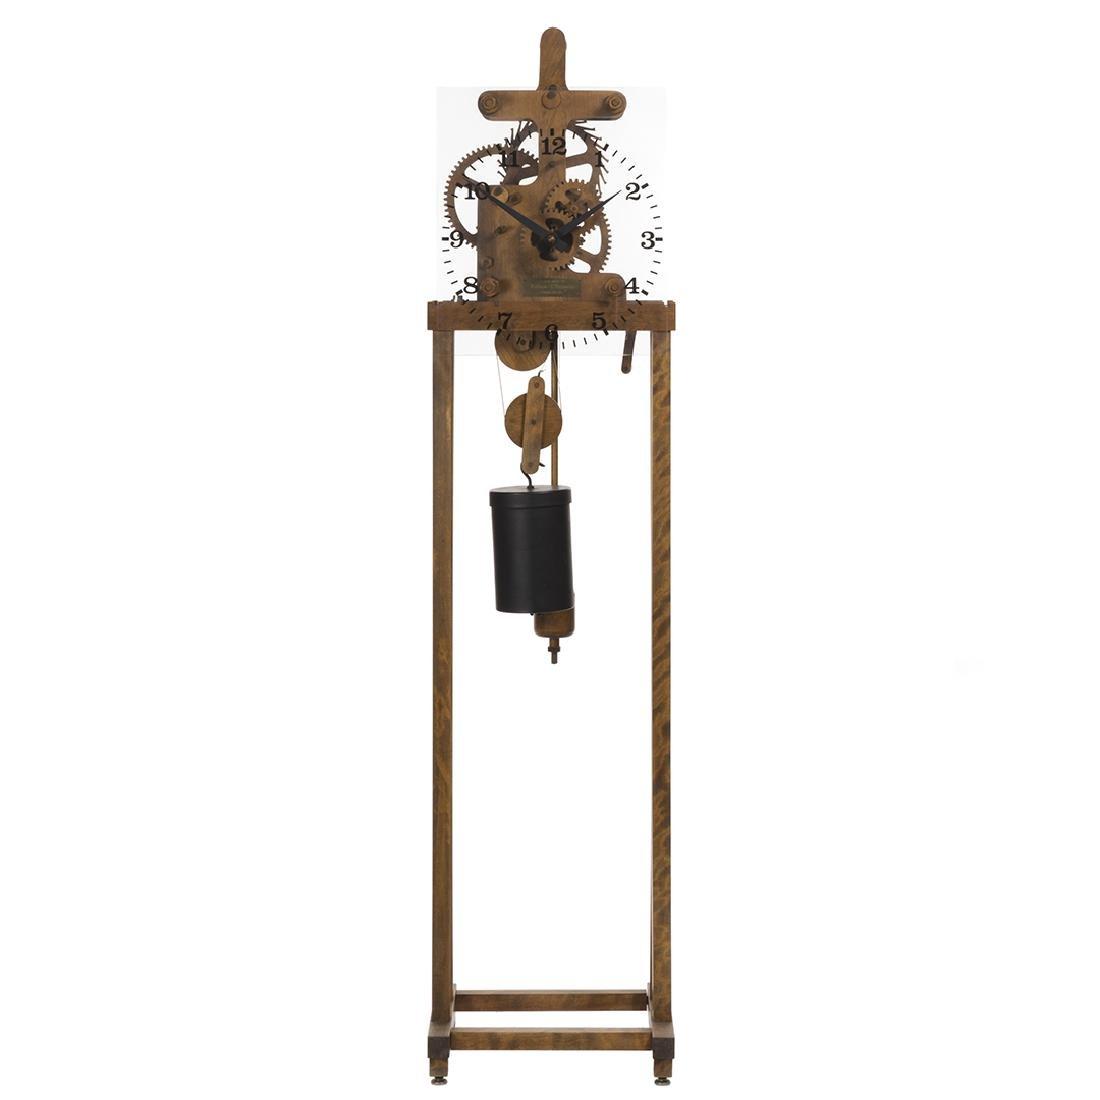 William Talmadge Wooden Floor Standing Clock